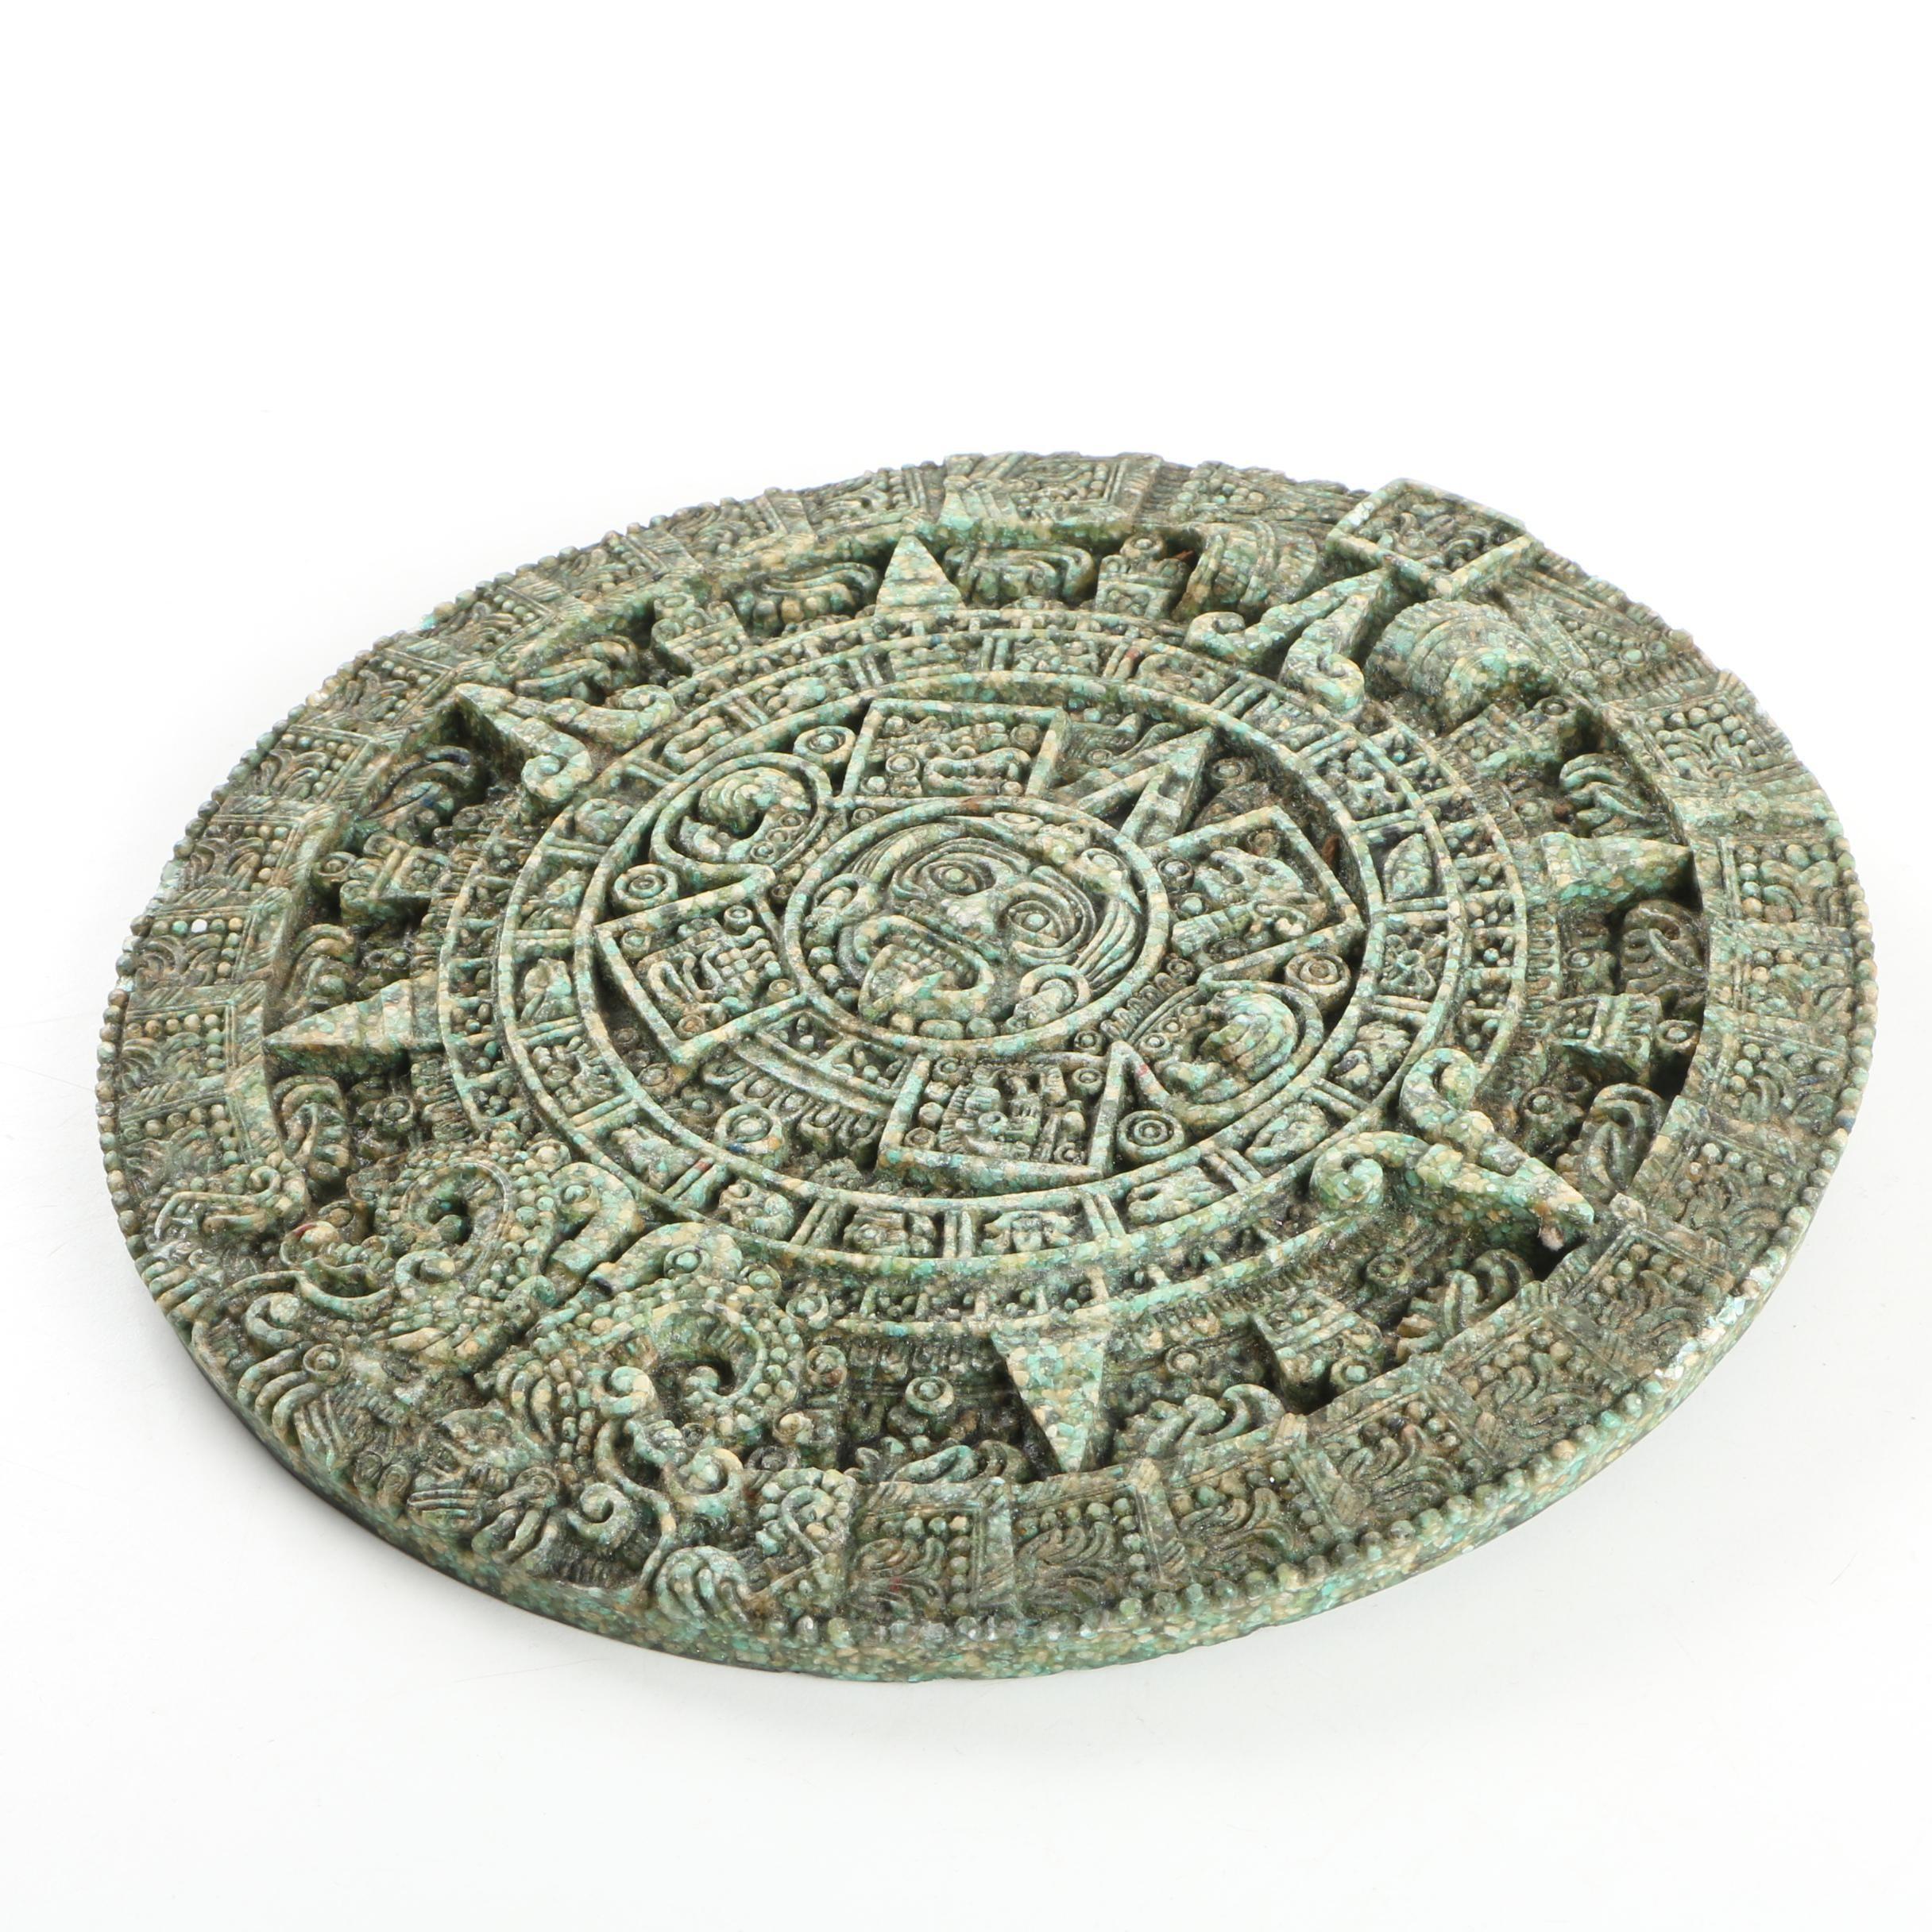 Aztec Inspired Sun Stone Replica Décor